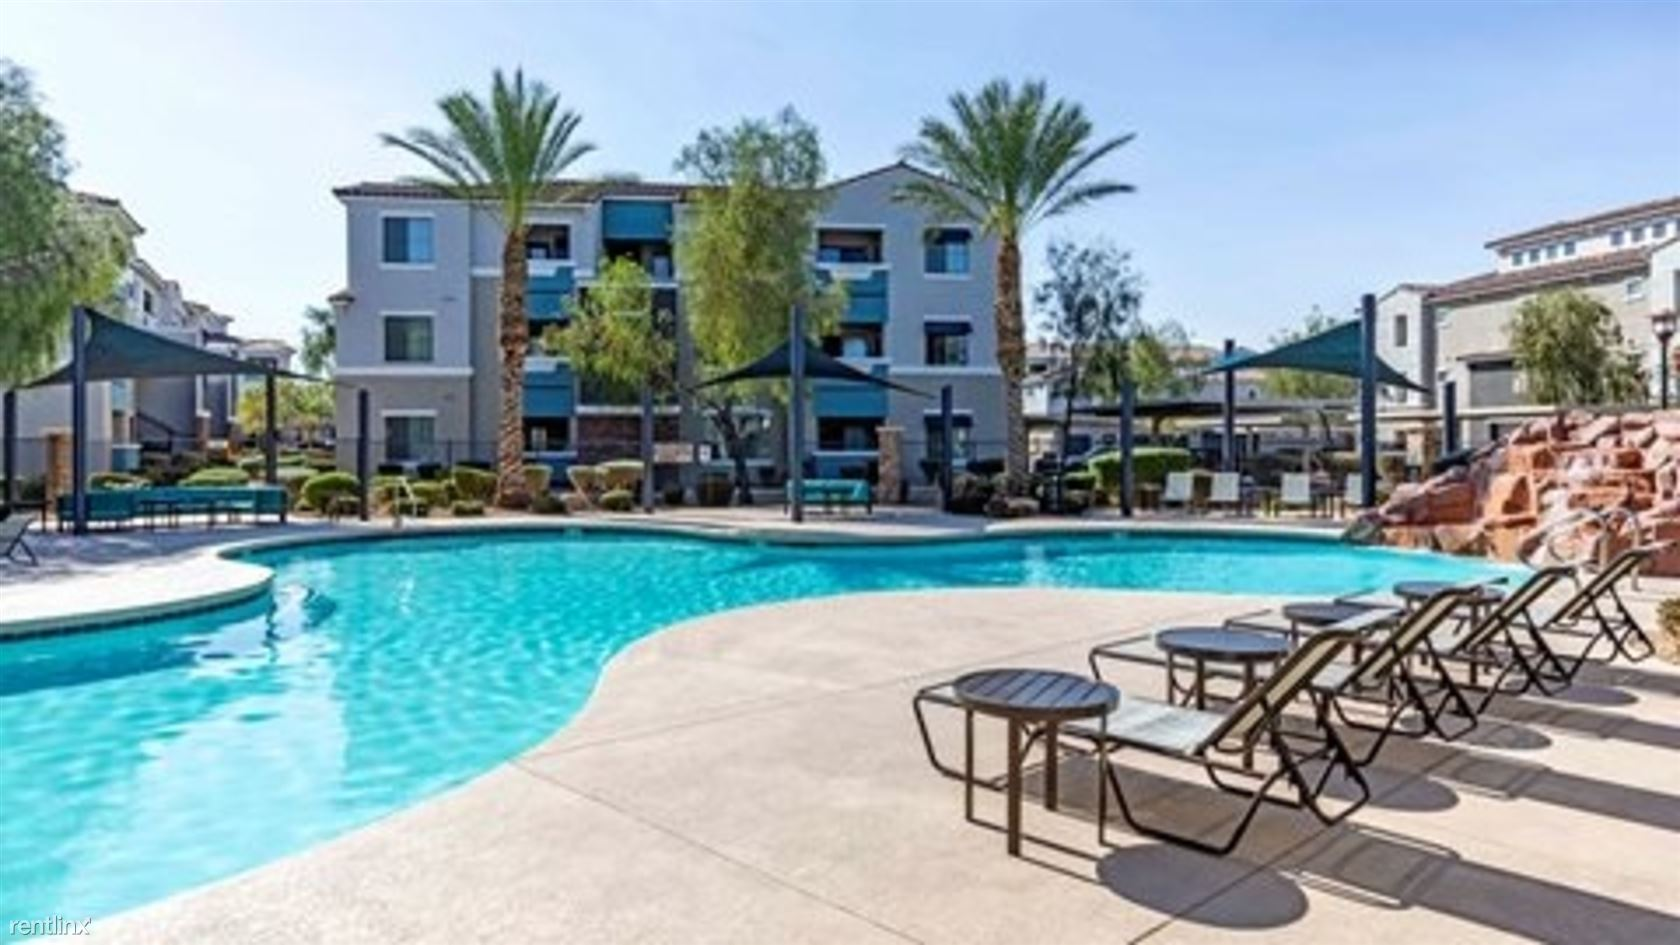 3370 ST. ROSE PARKWAY  HENDERSON, Las Vegas, NV - $1,929